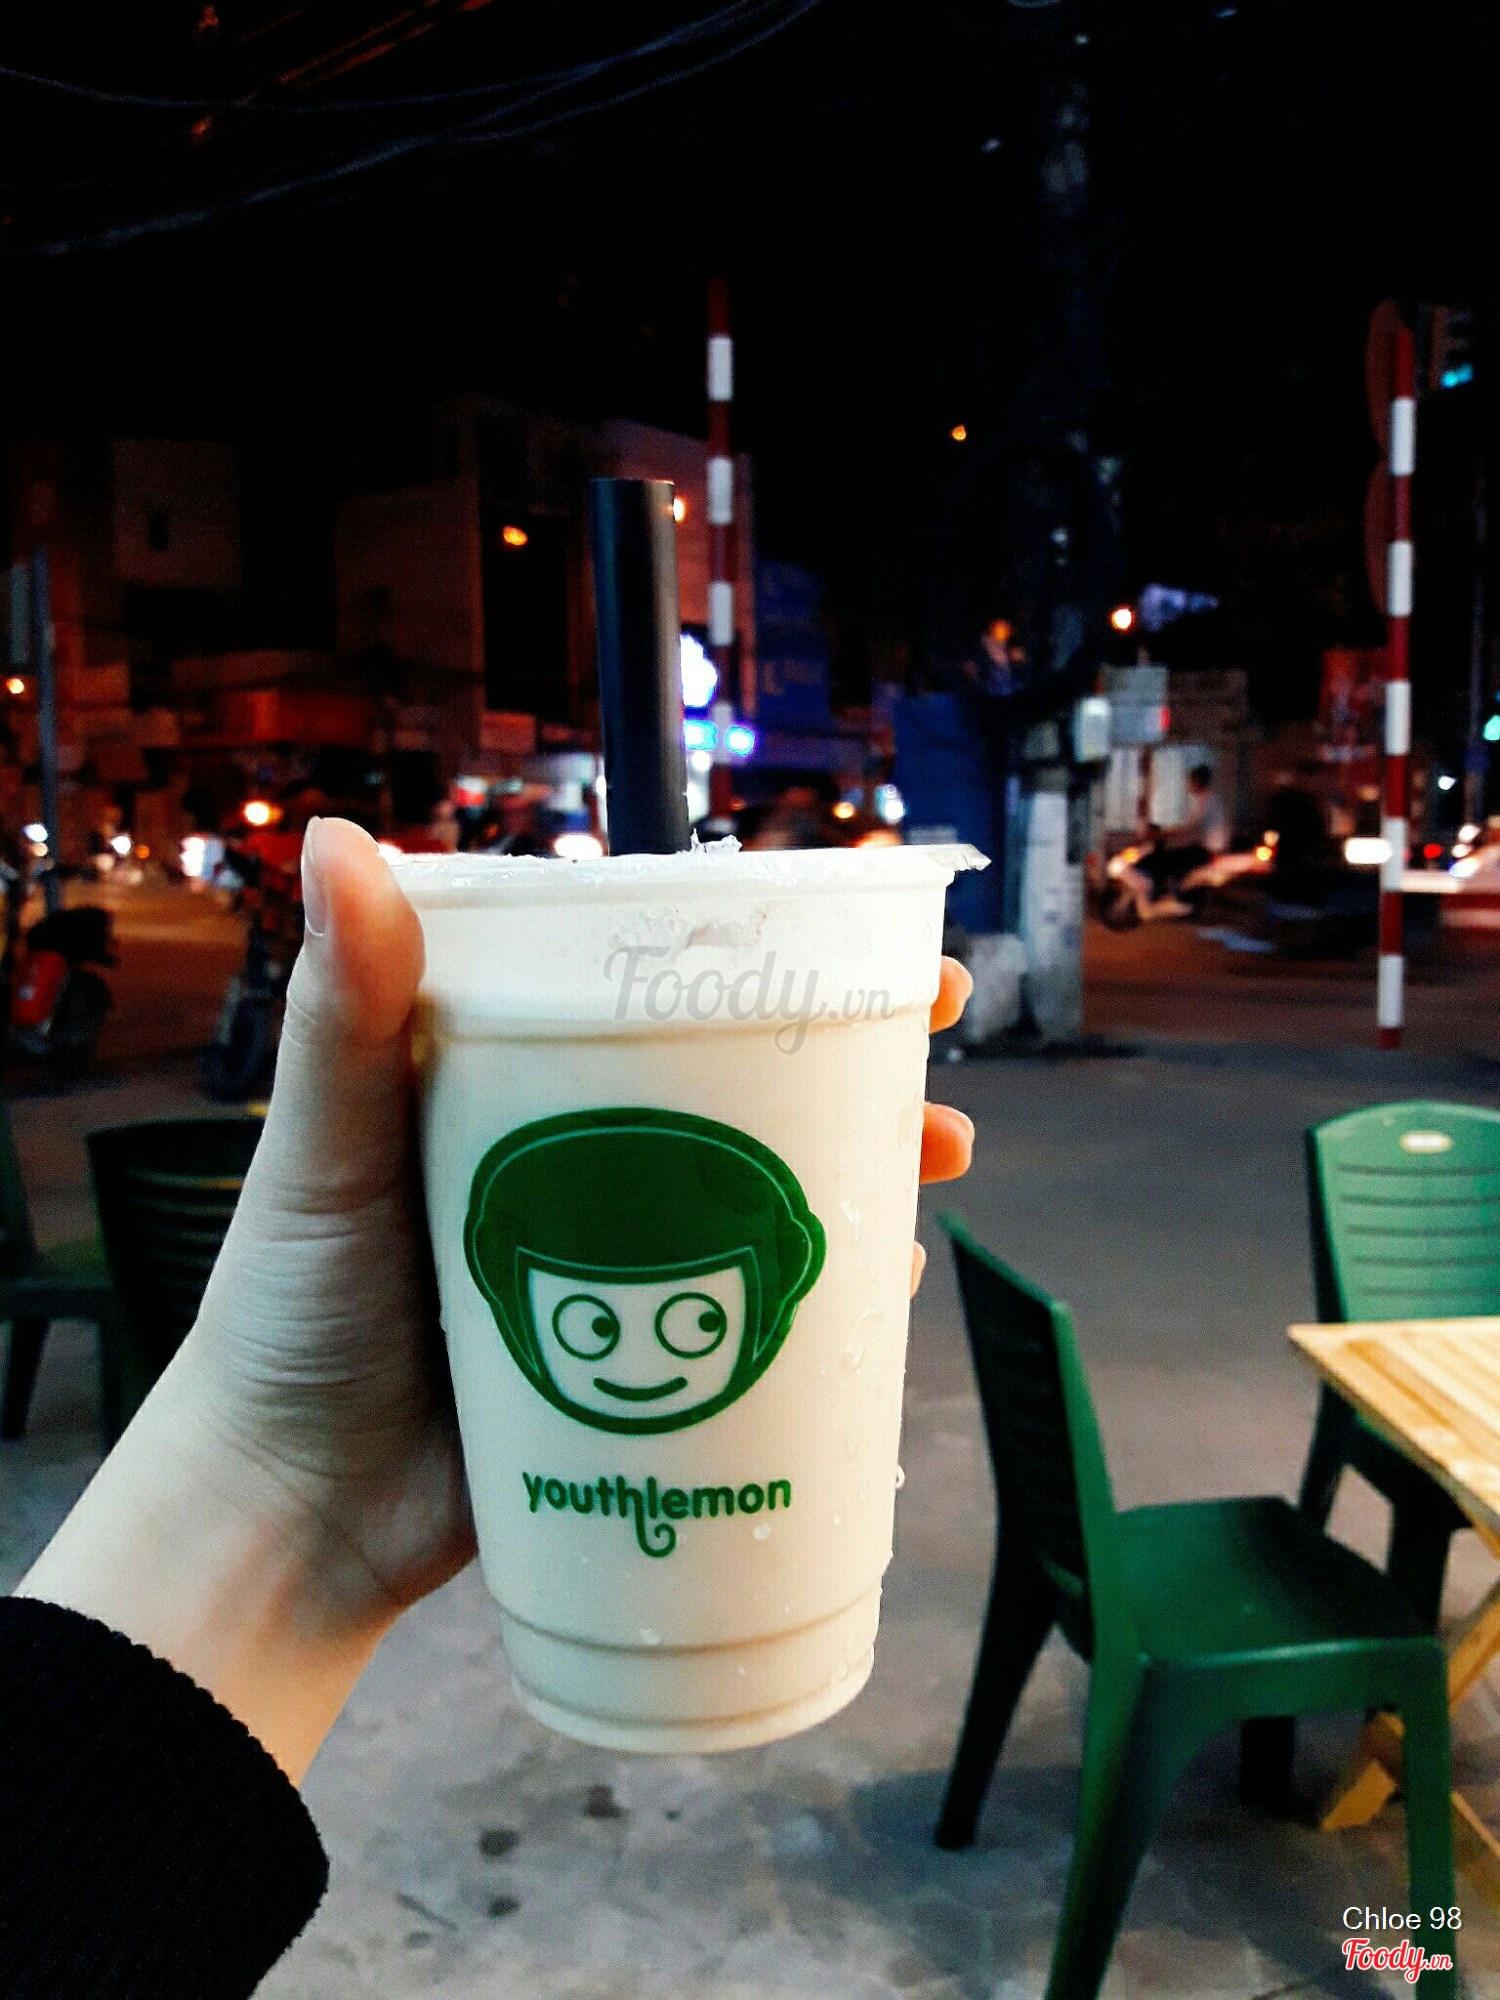 Youth Lemon - Trà Sữa & Đồ Uống Trái Cây ở Quận Lê Chân, Hải Phòng